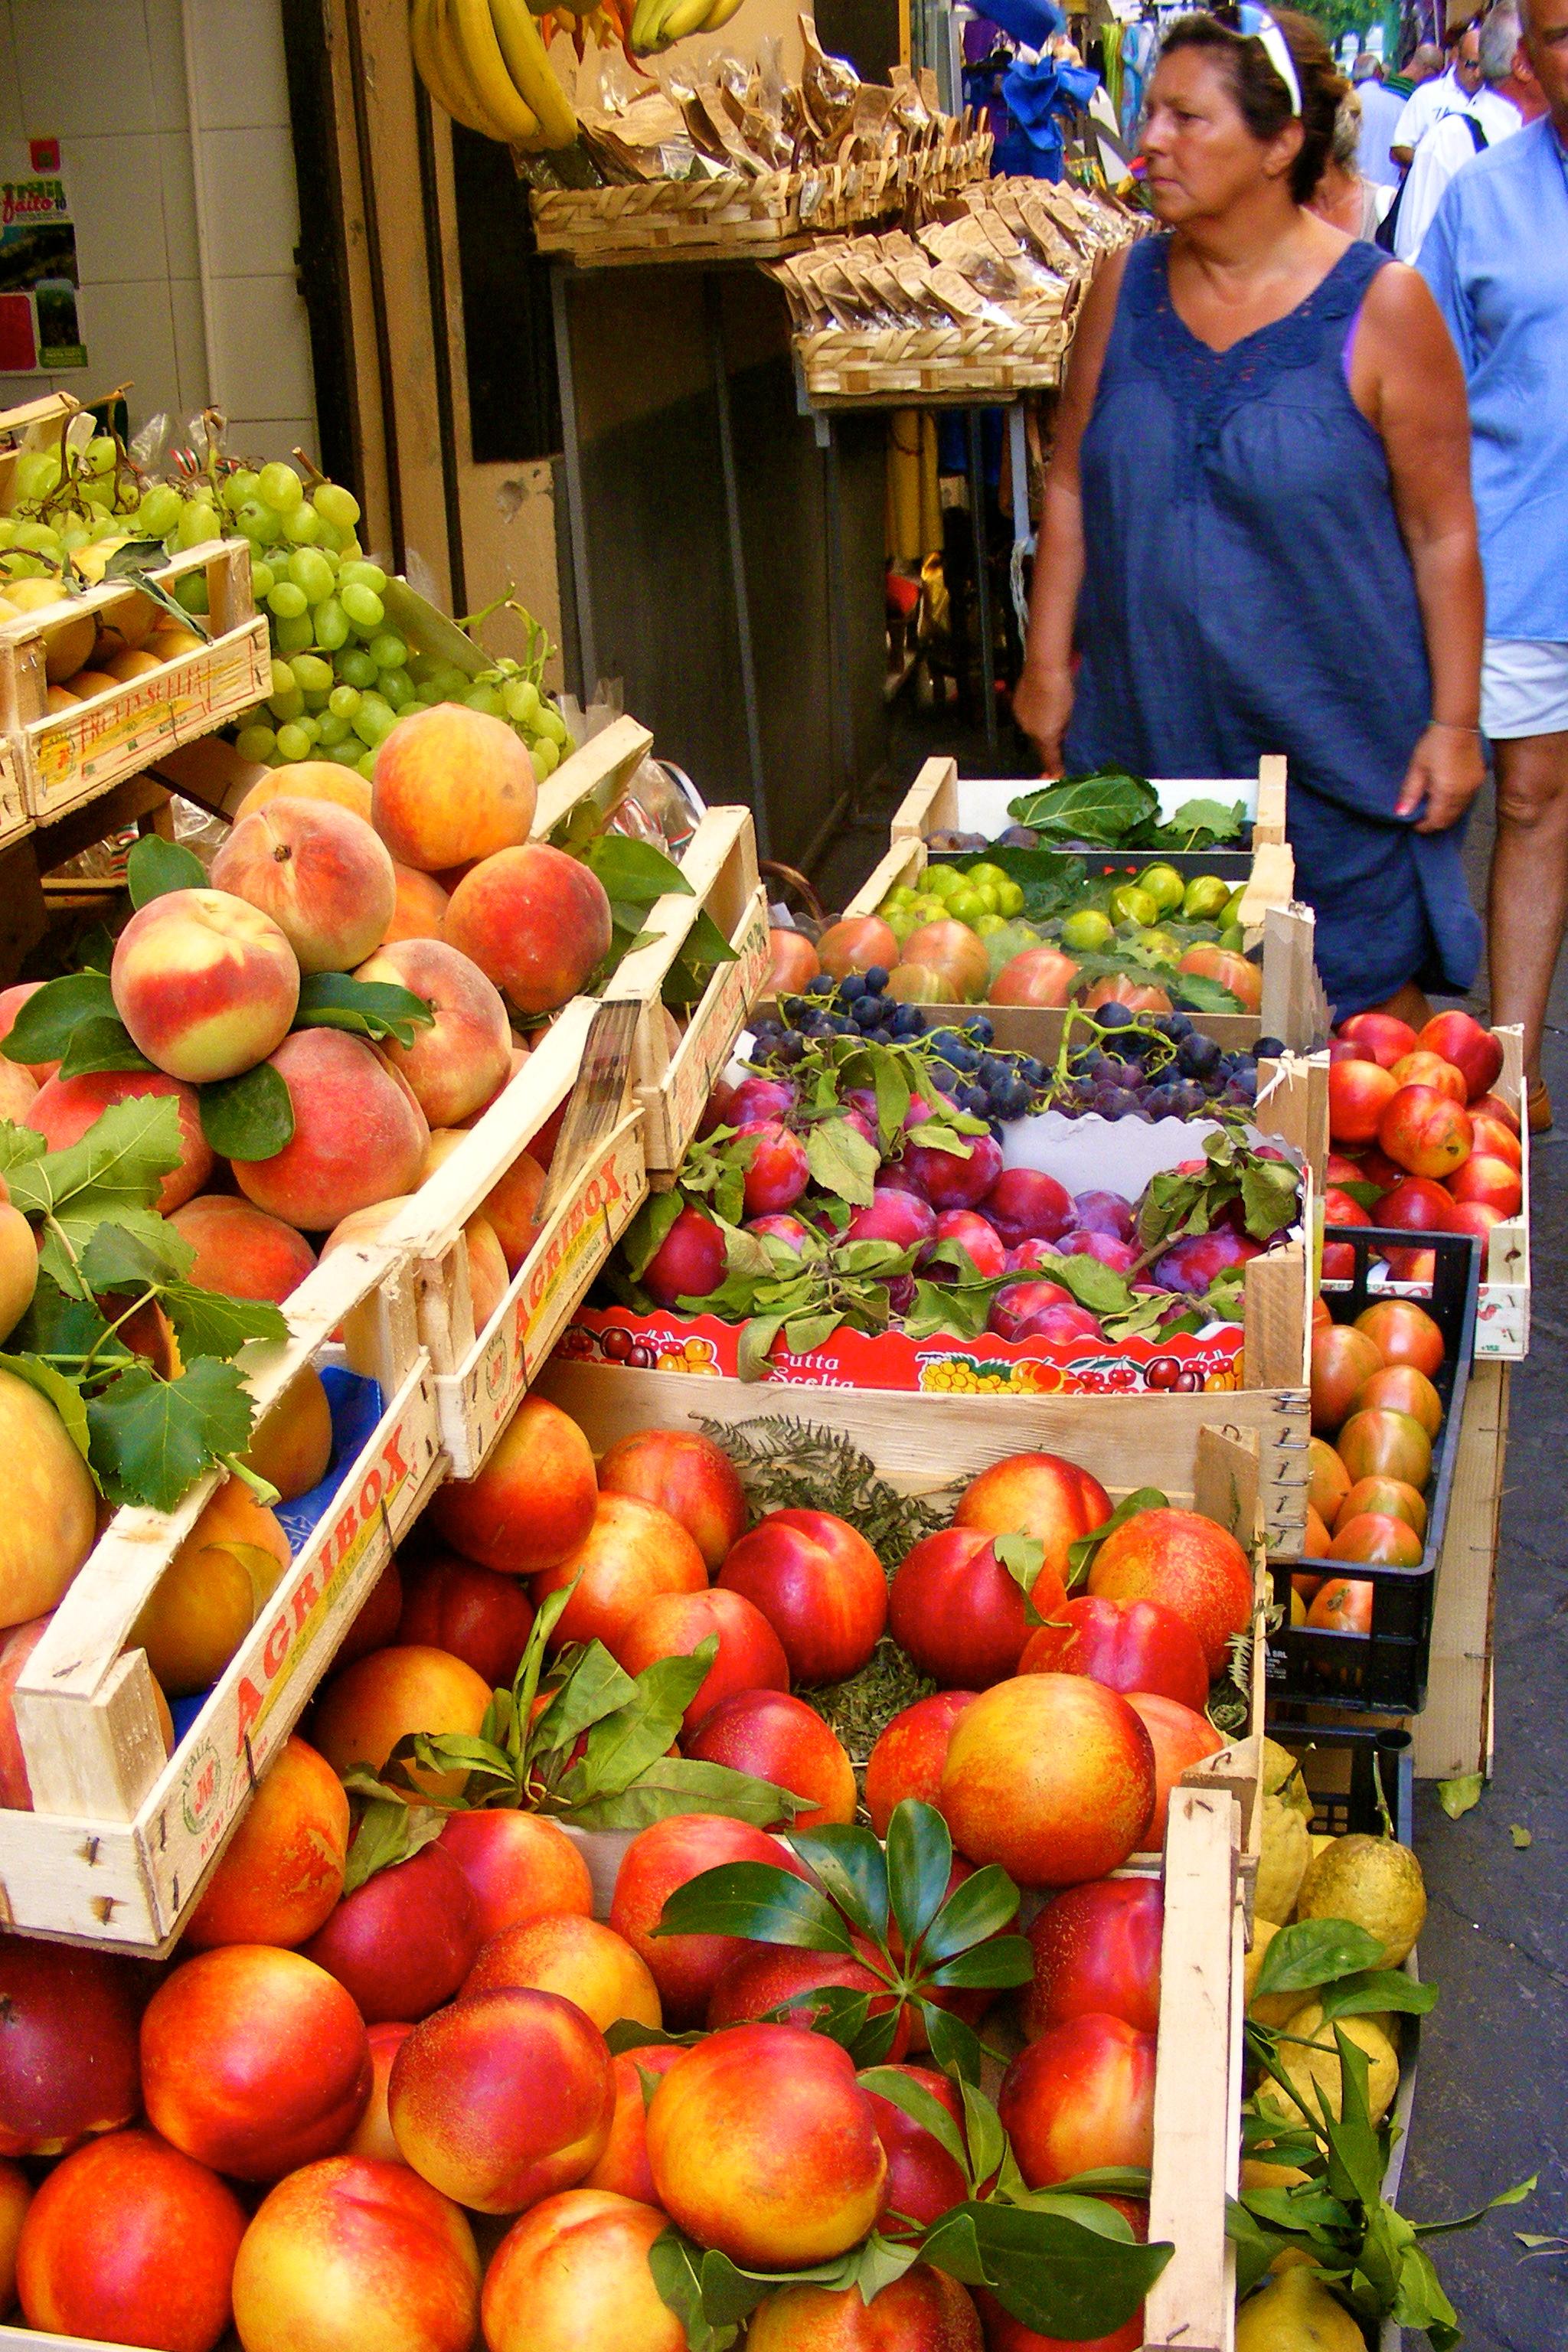 italy amalfi coast fruit stand